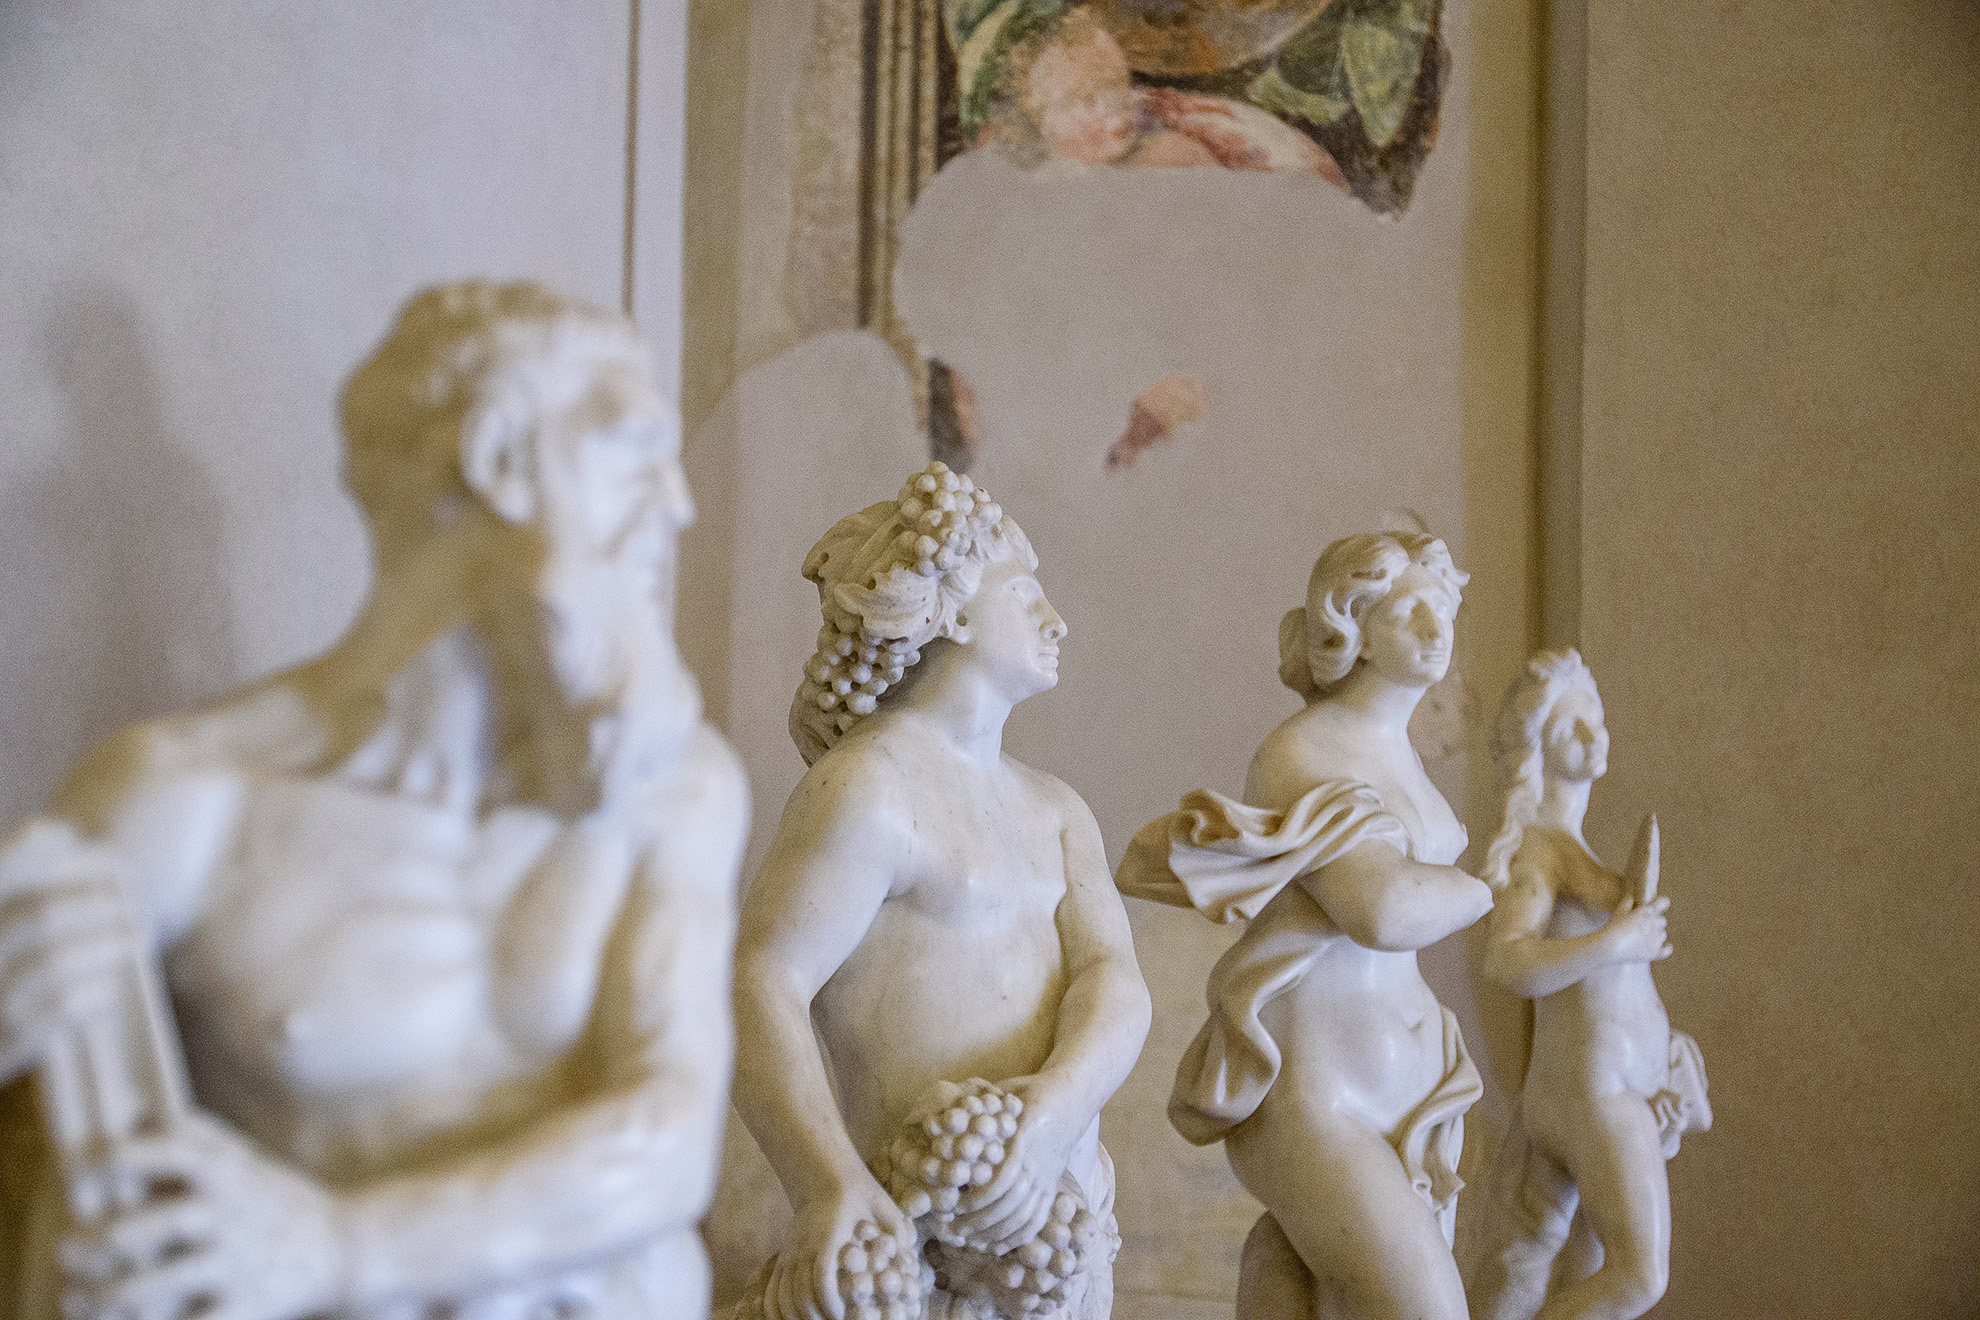 Rzeźby w Palazzo Ducale - Mantua